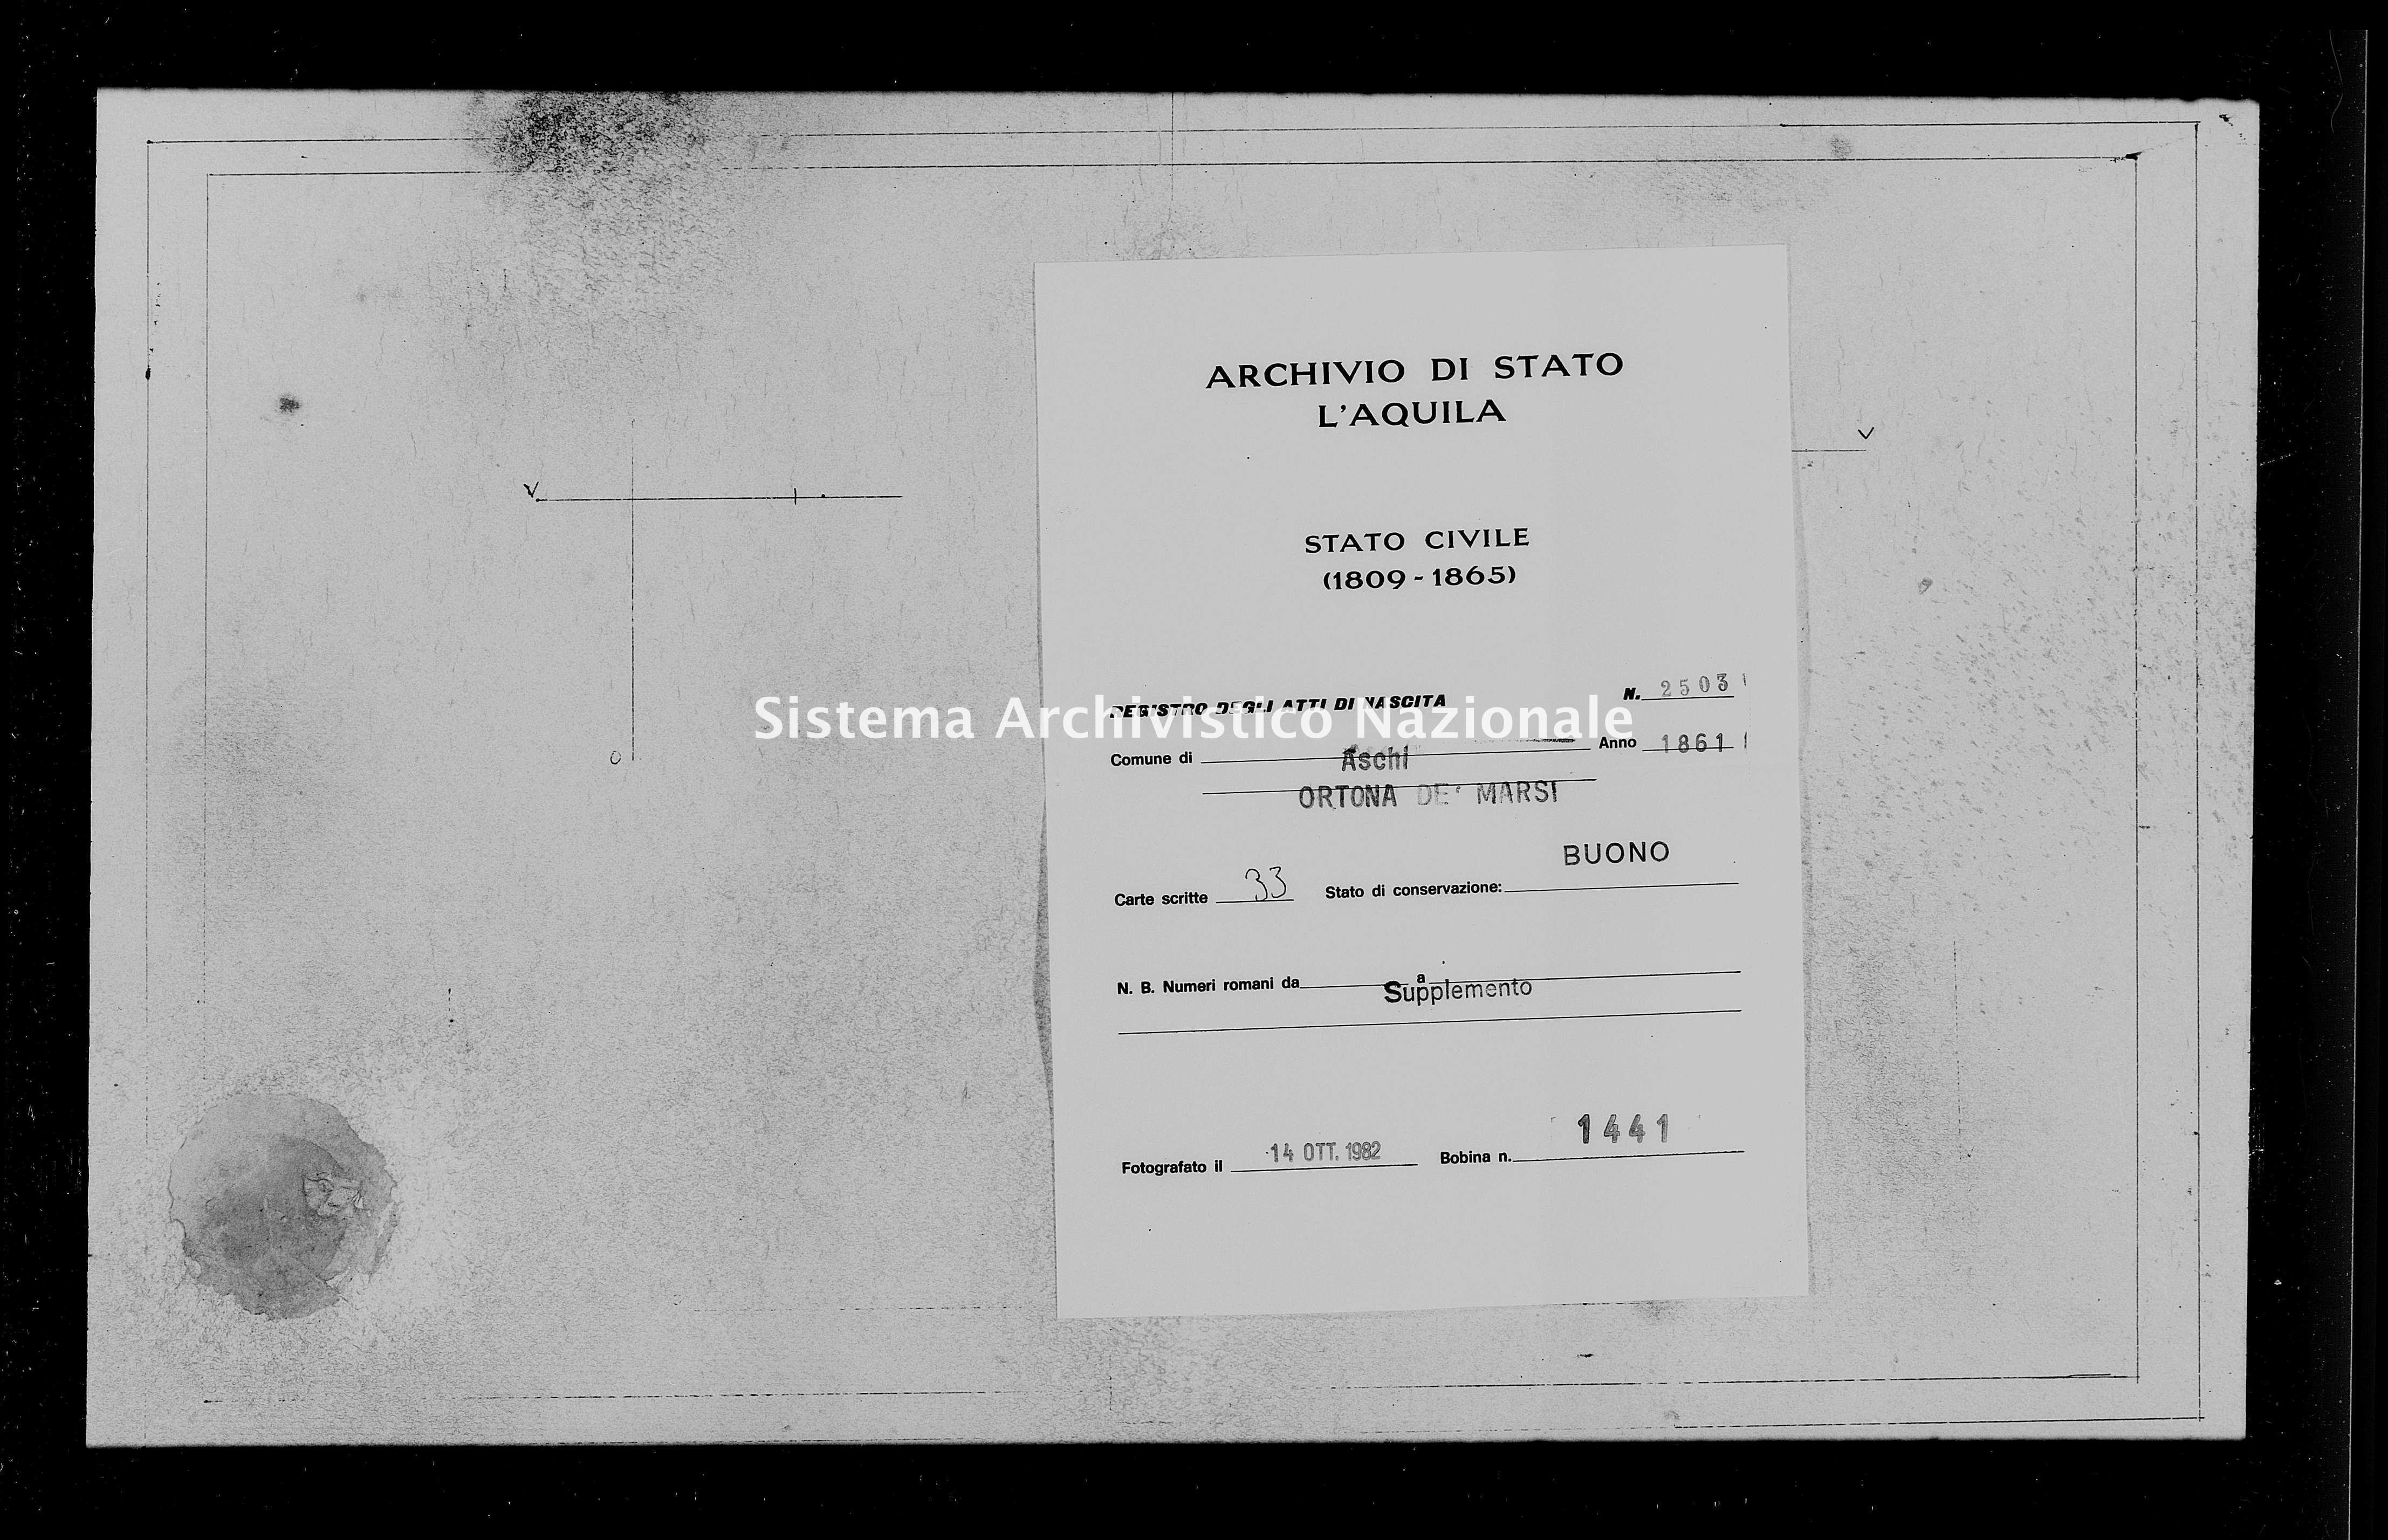 Archivio di stato di L'aquila - Stato civile italiano - Aschi - Nati, battesimi - 1861 - 2503 -